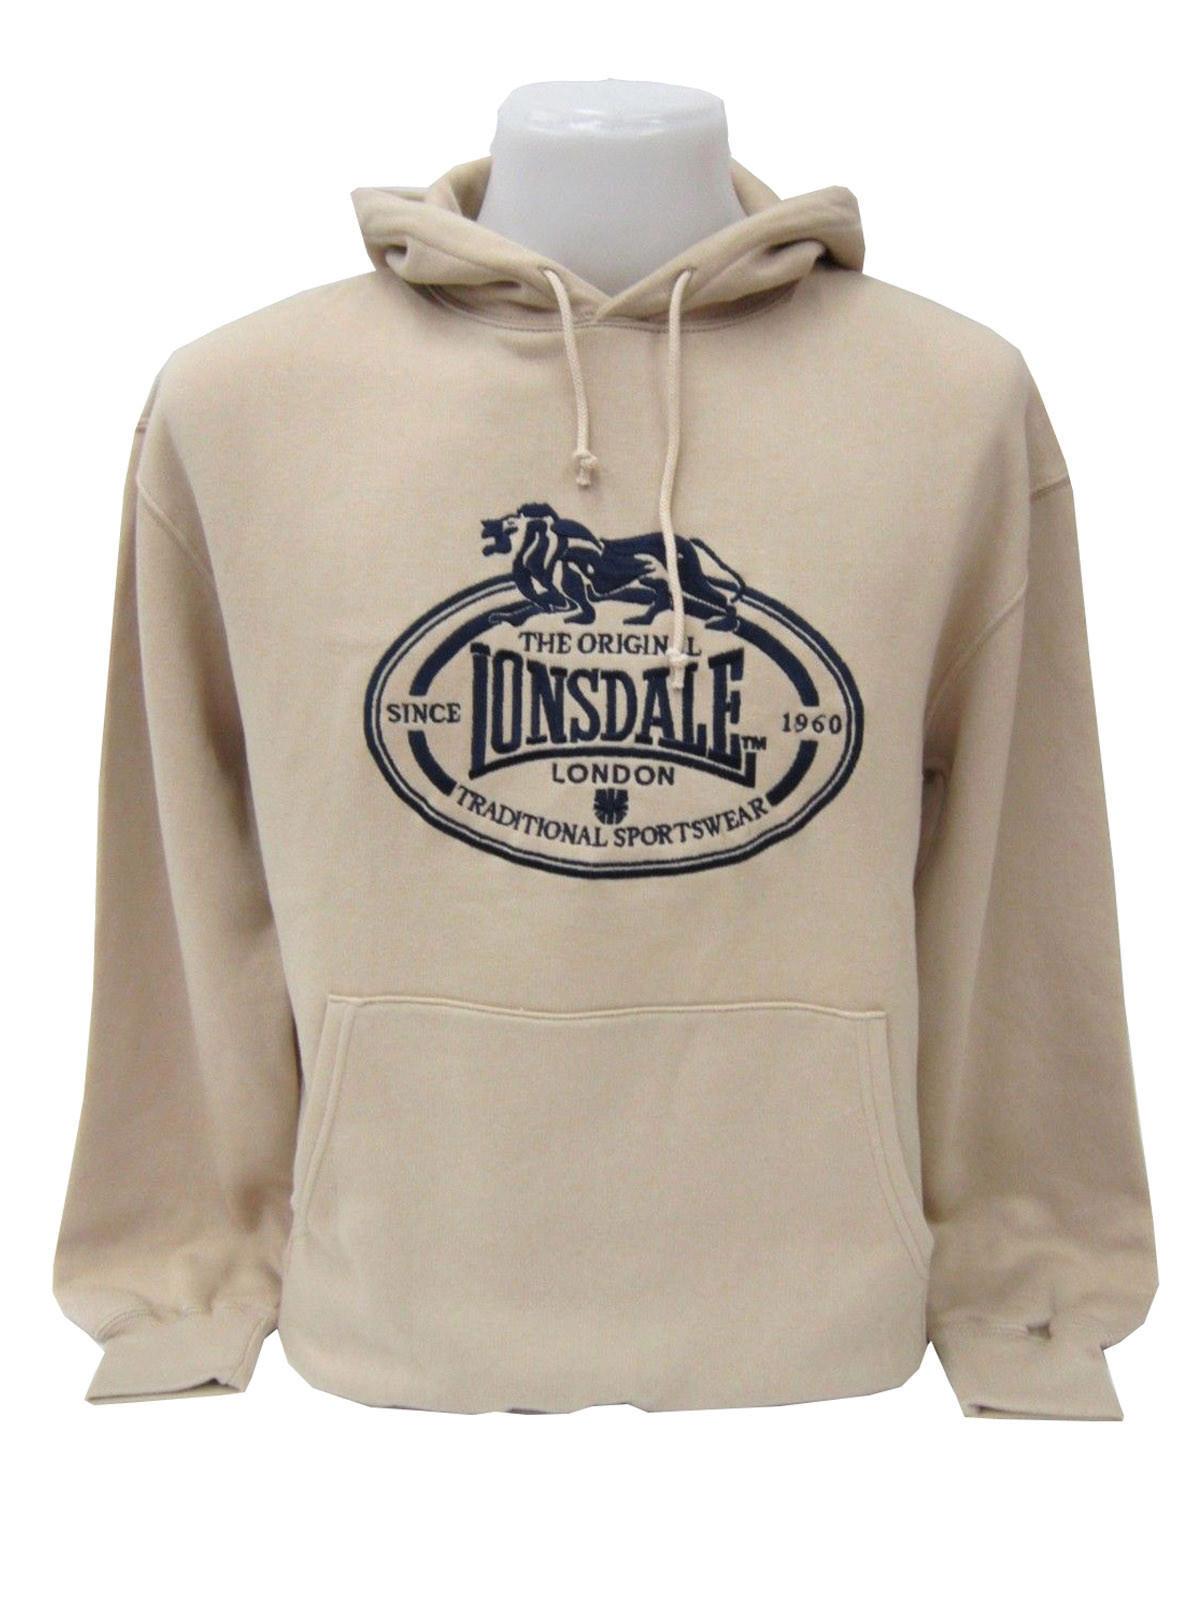 Hoodie Pull Sur Le Lonsdale Sable Vintage Capuche Côté Brodé Sweat 67fWvC